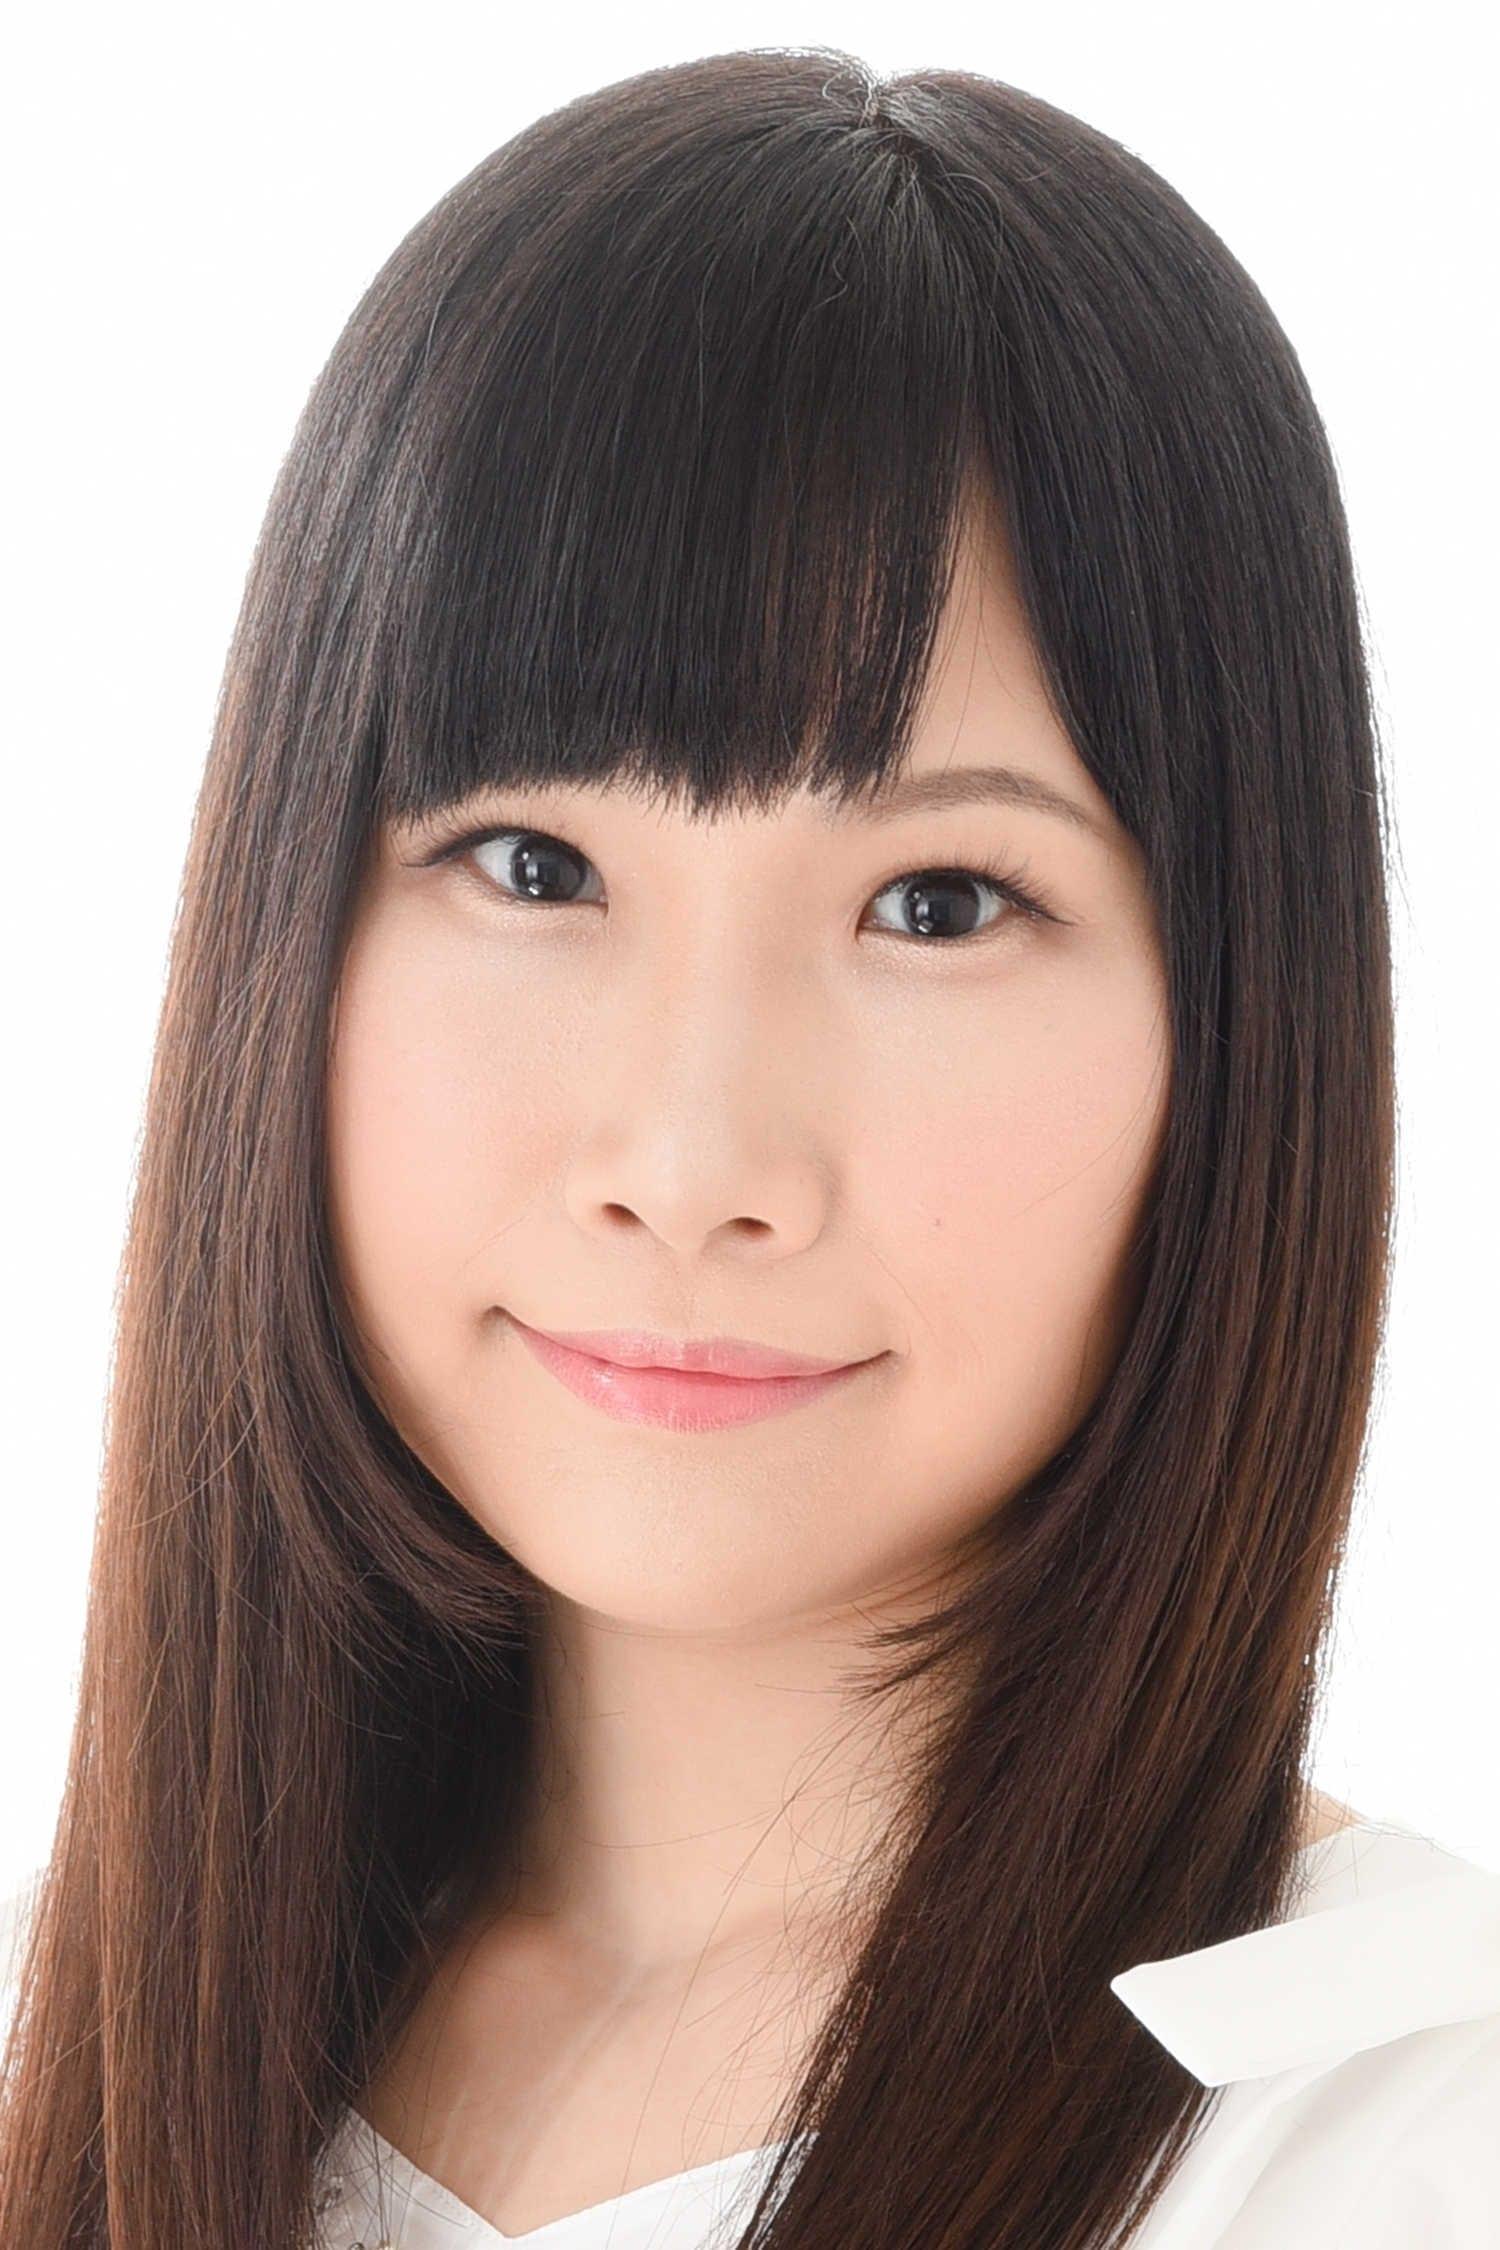 Sakie Takada